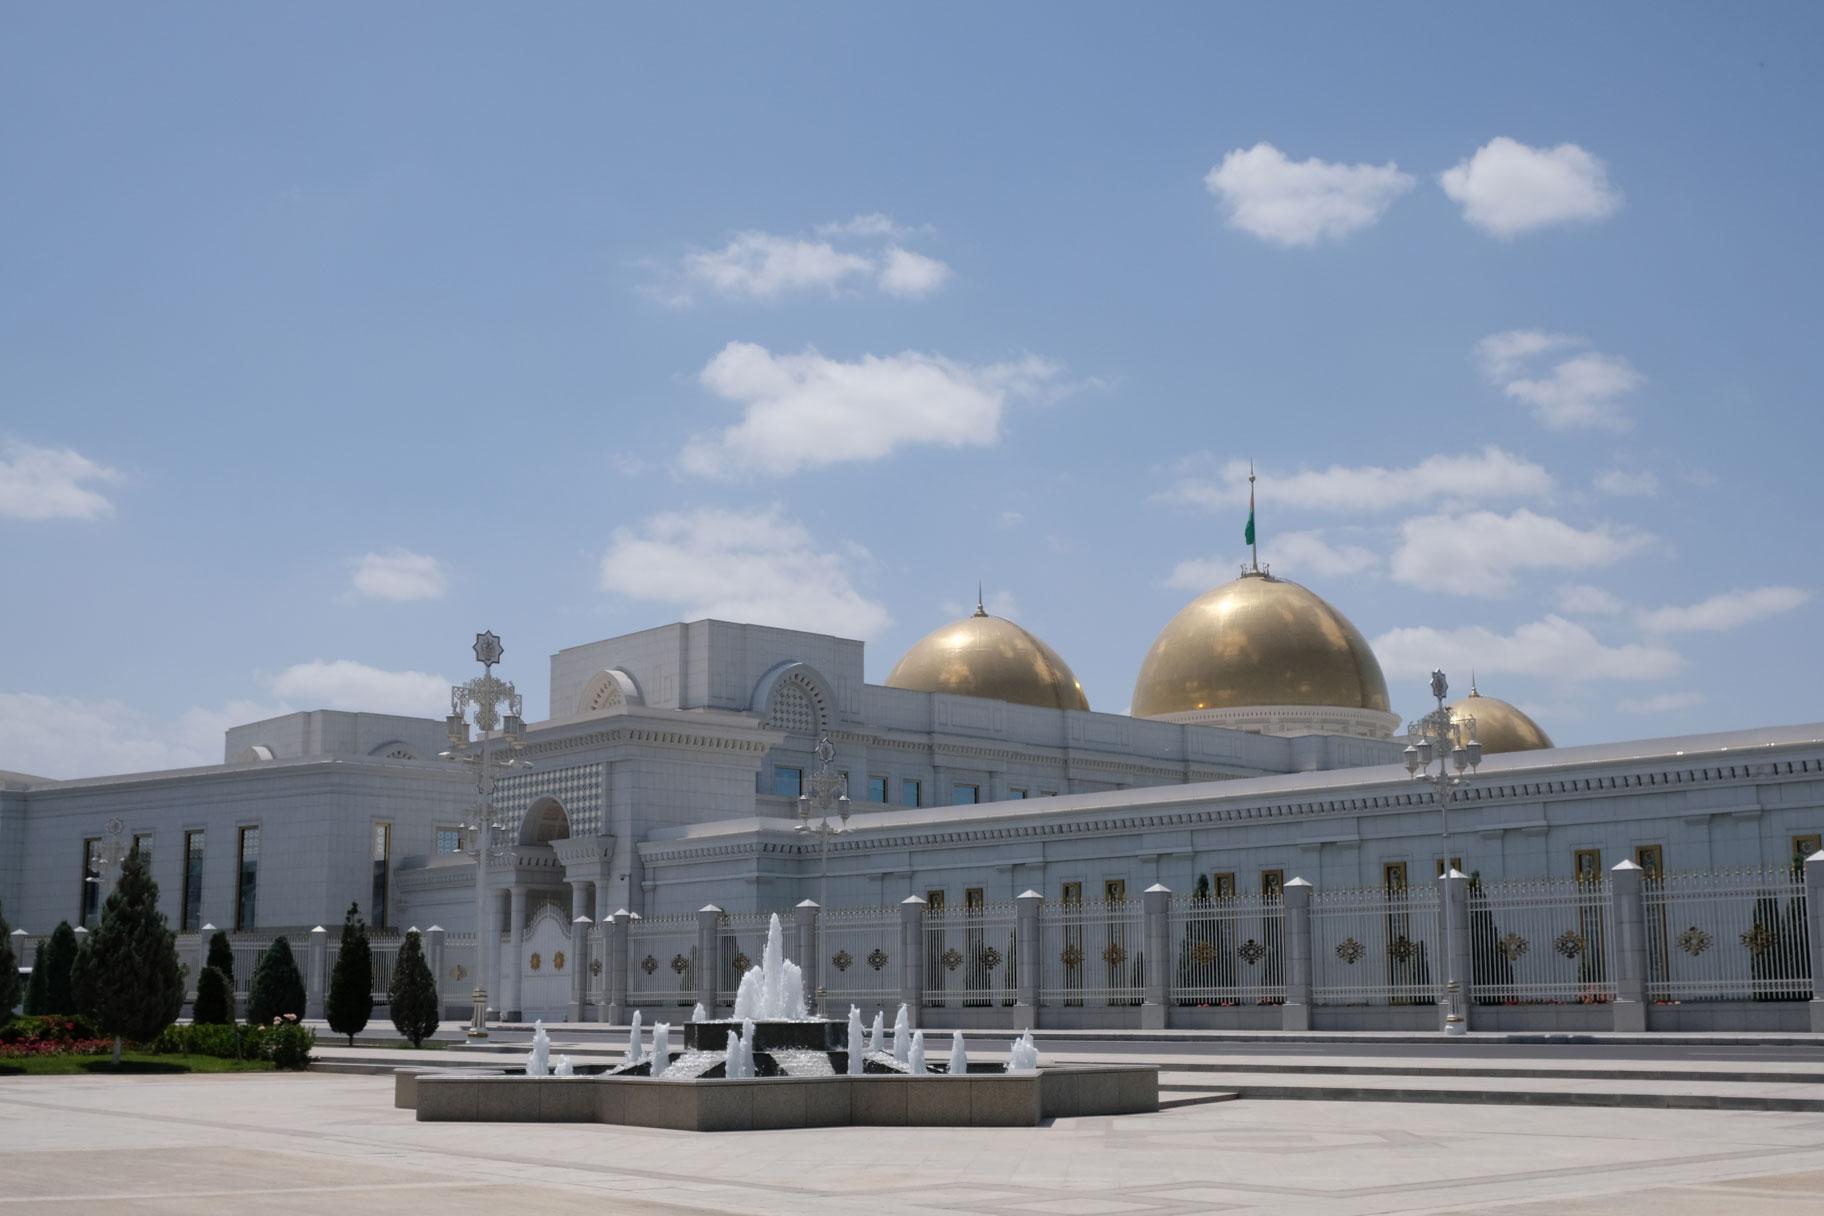 Präsidentenpalast. Kein Mensch weit und breit zu sehen.